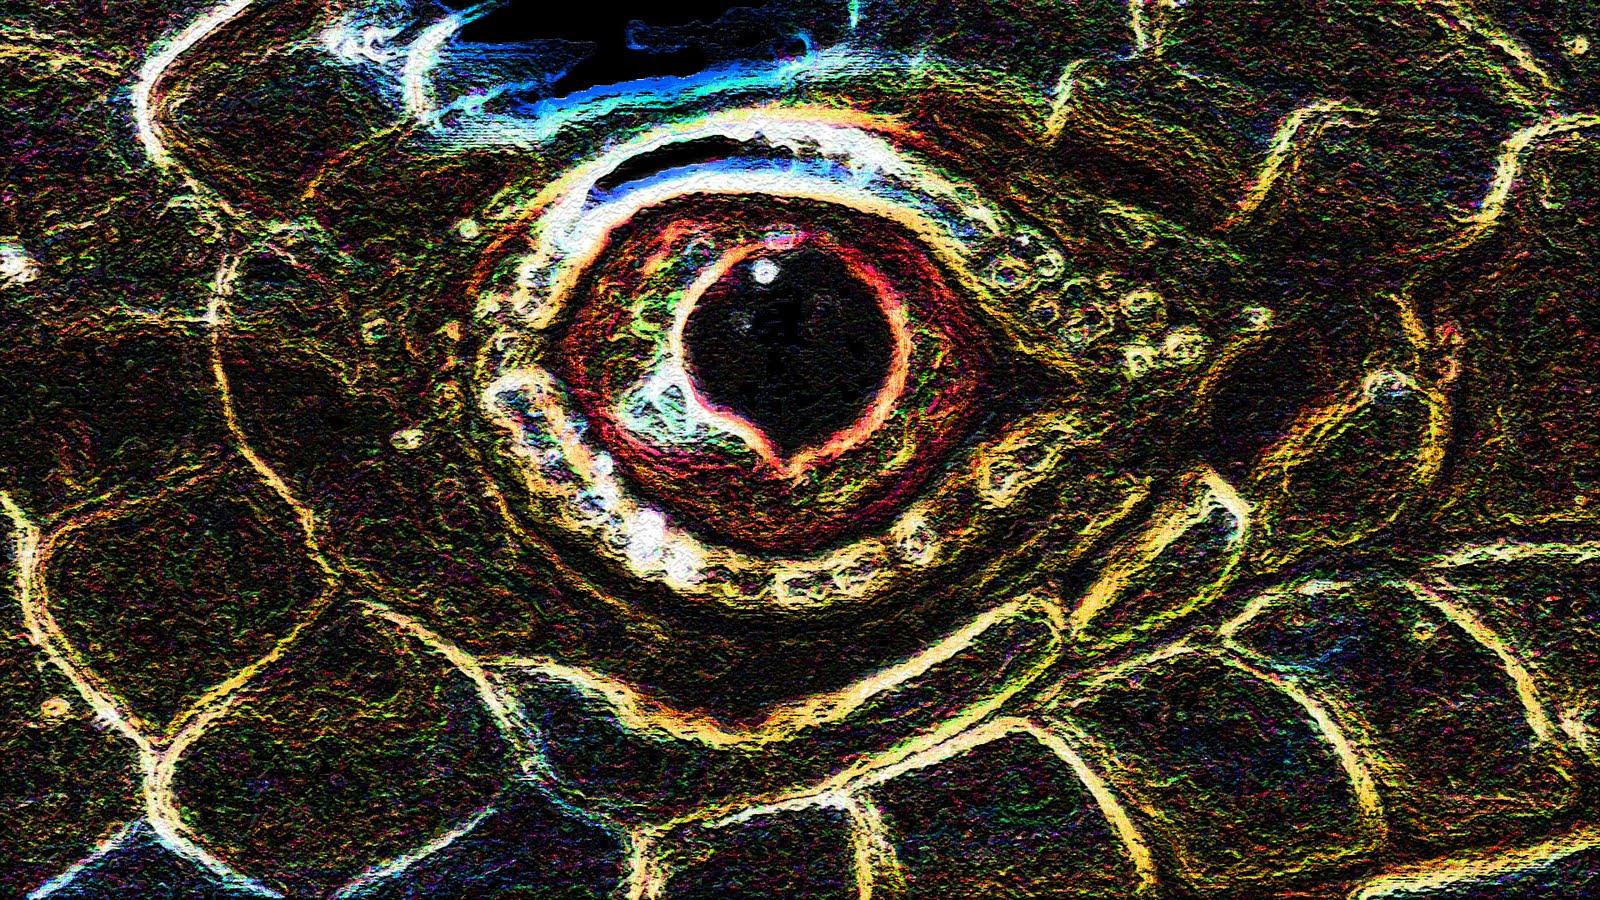 iguana eye painting - photo #44